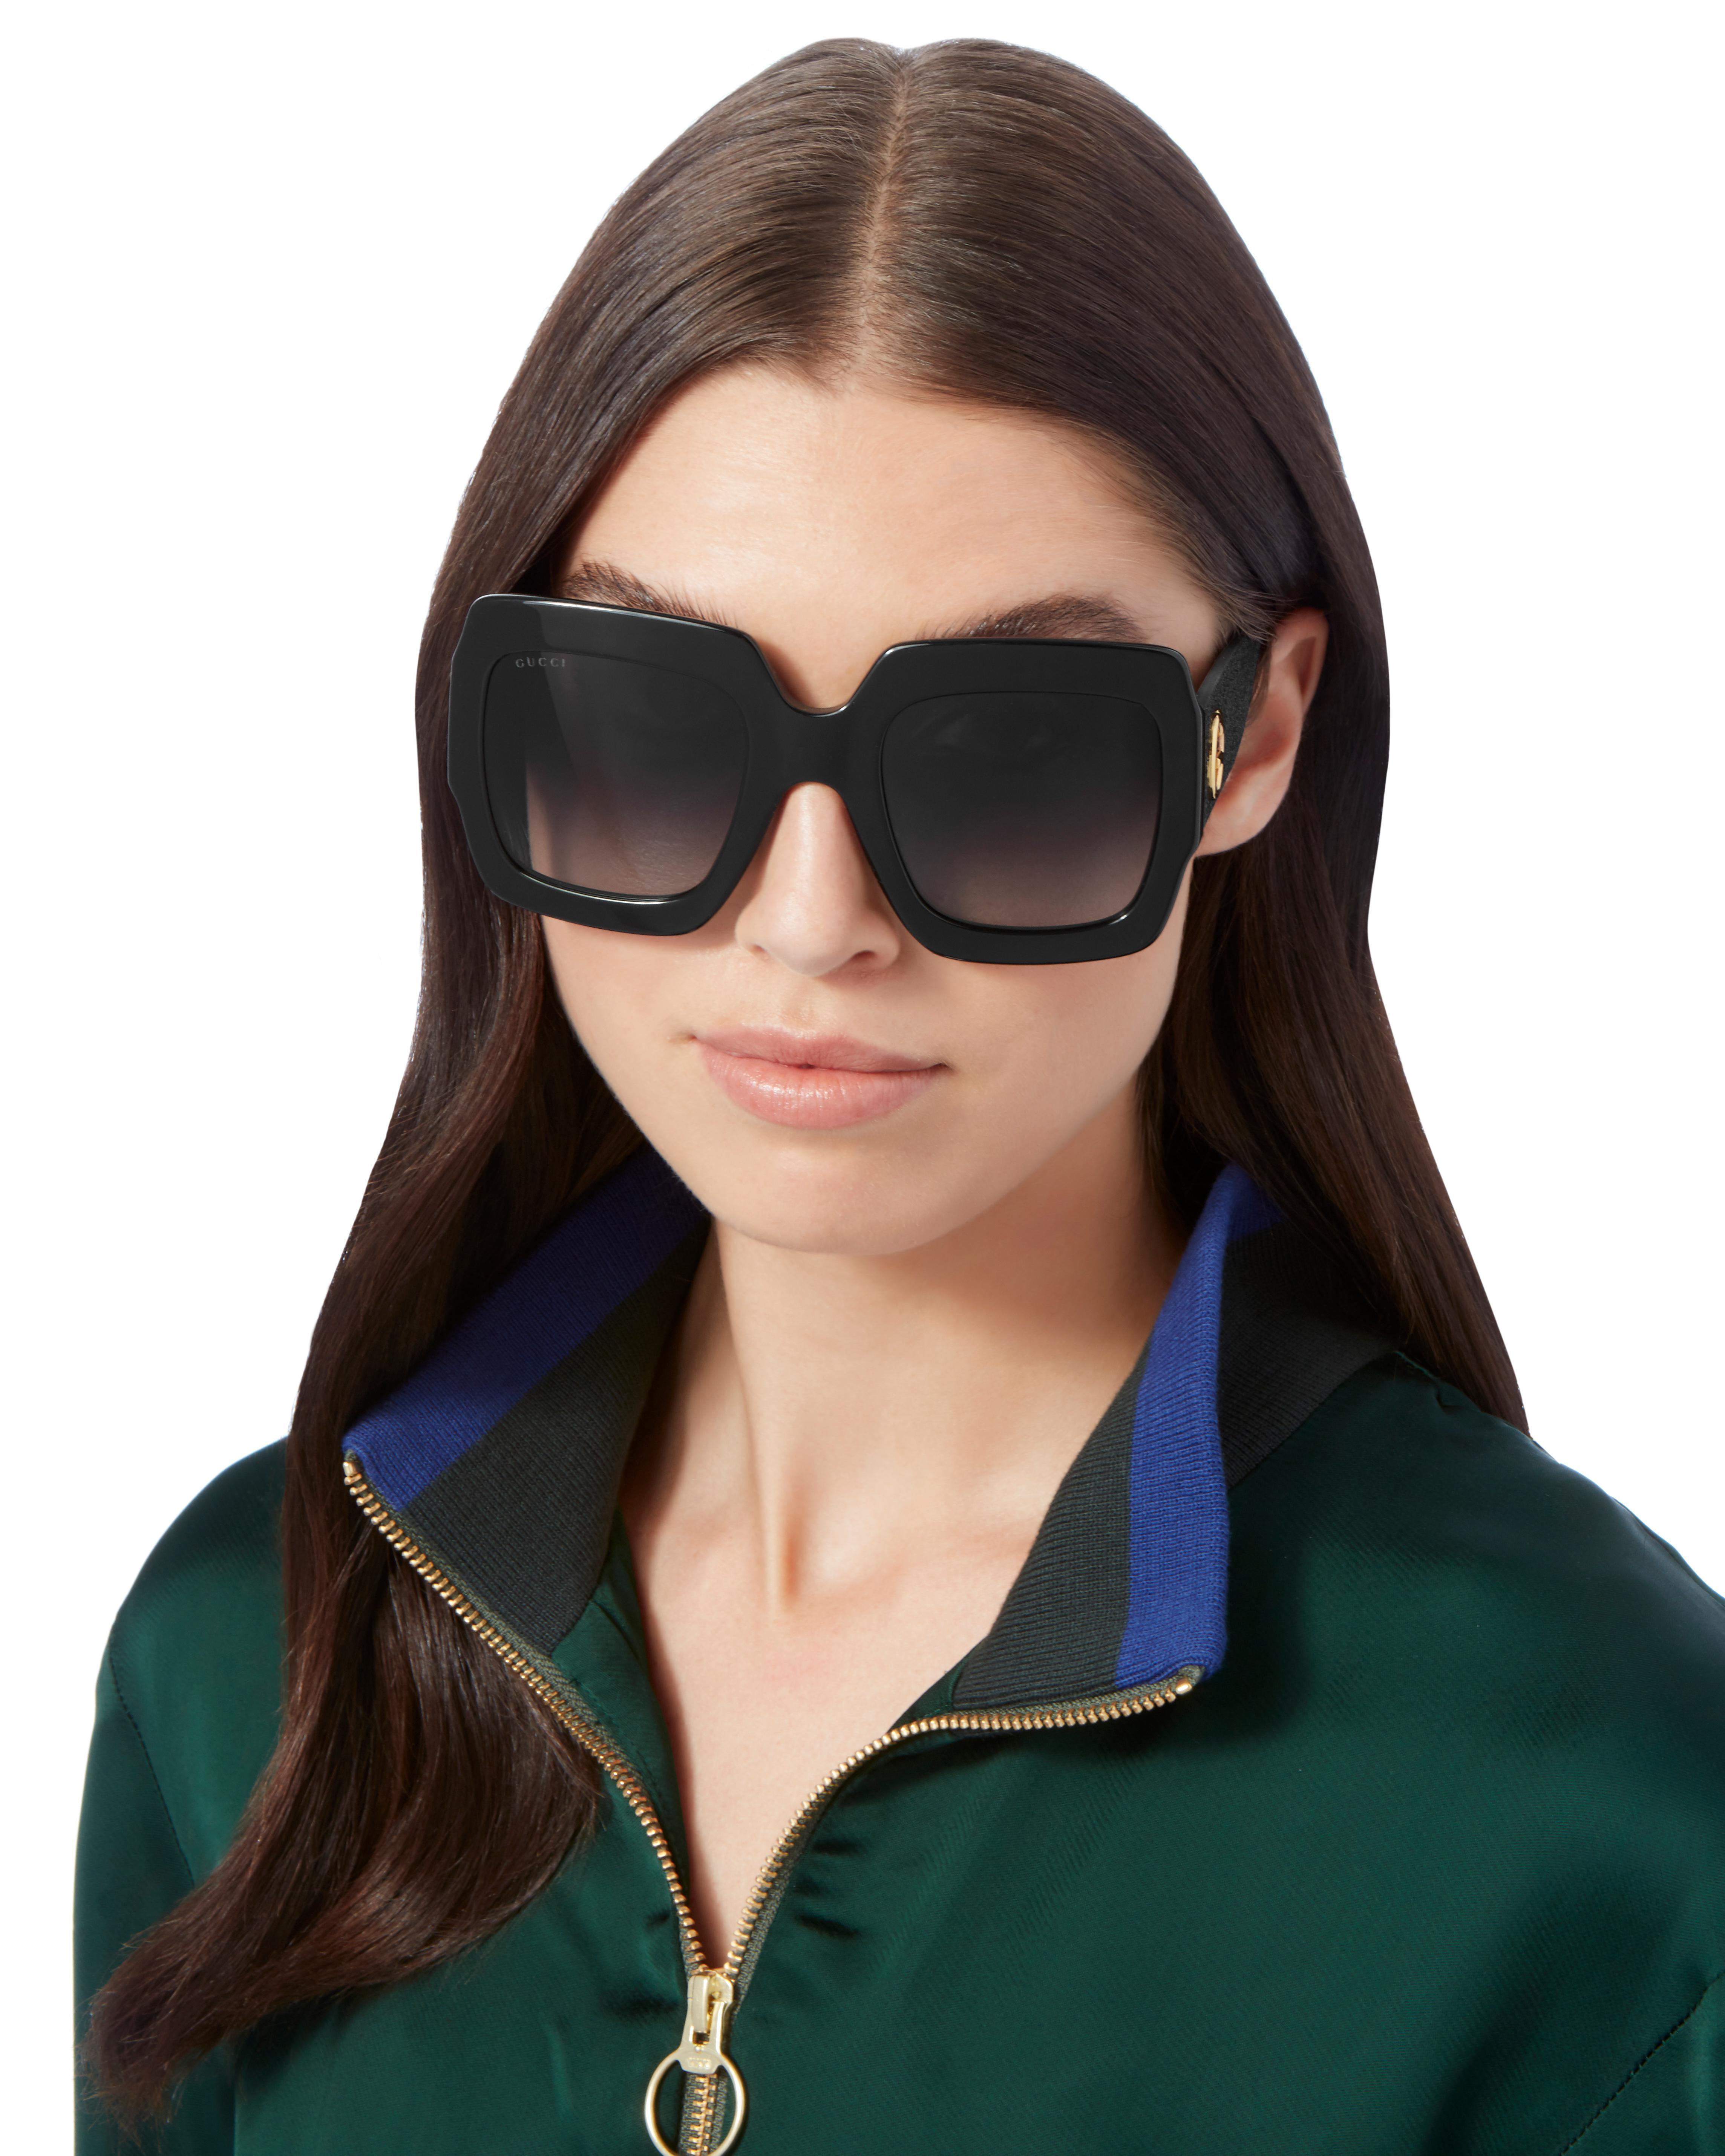 44ff1cbfd08 Lyst - Gucci Oversized Glitter Square Sunglasses in Black